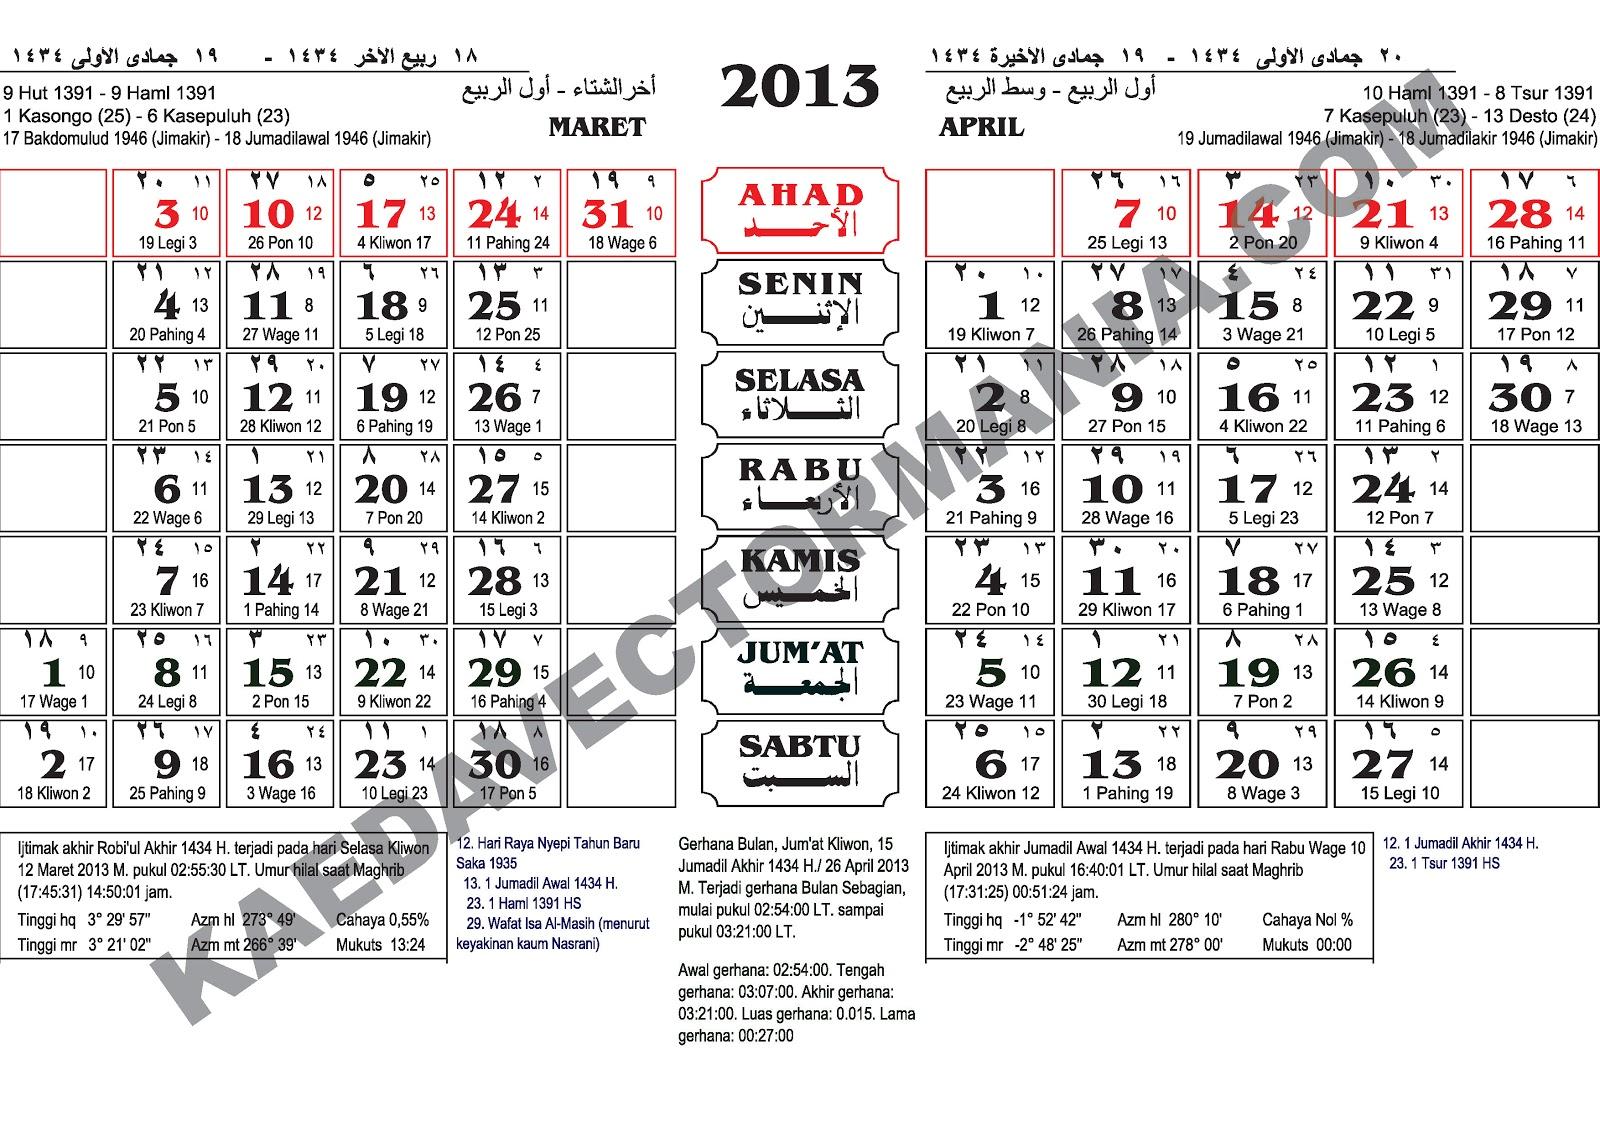 kalender 2013 (kalender hijriyah + kalender islam + kalender jawa